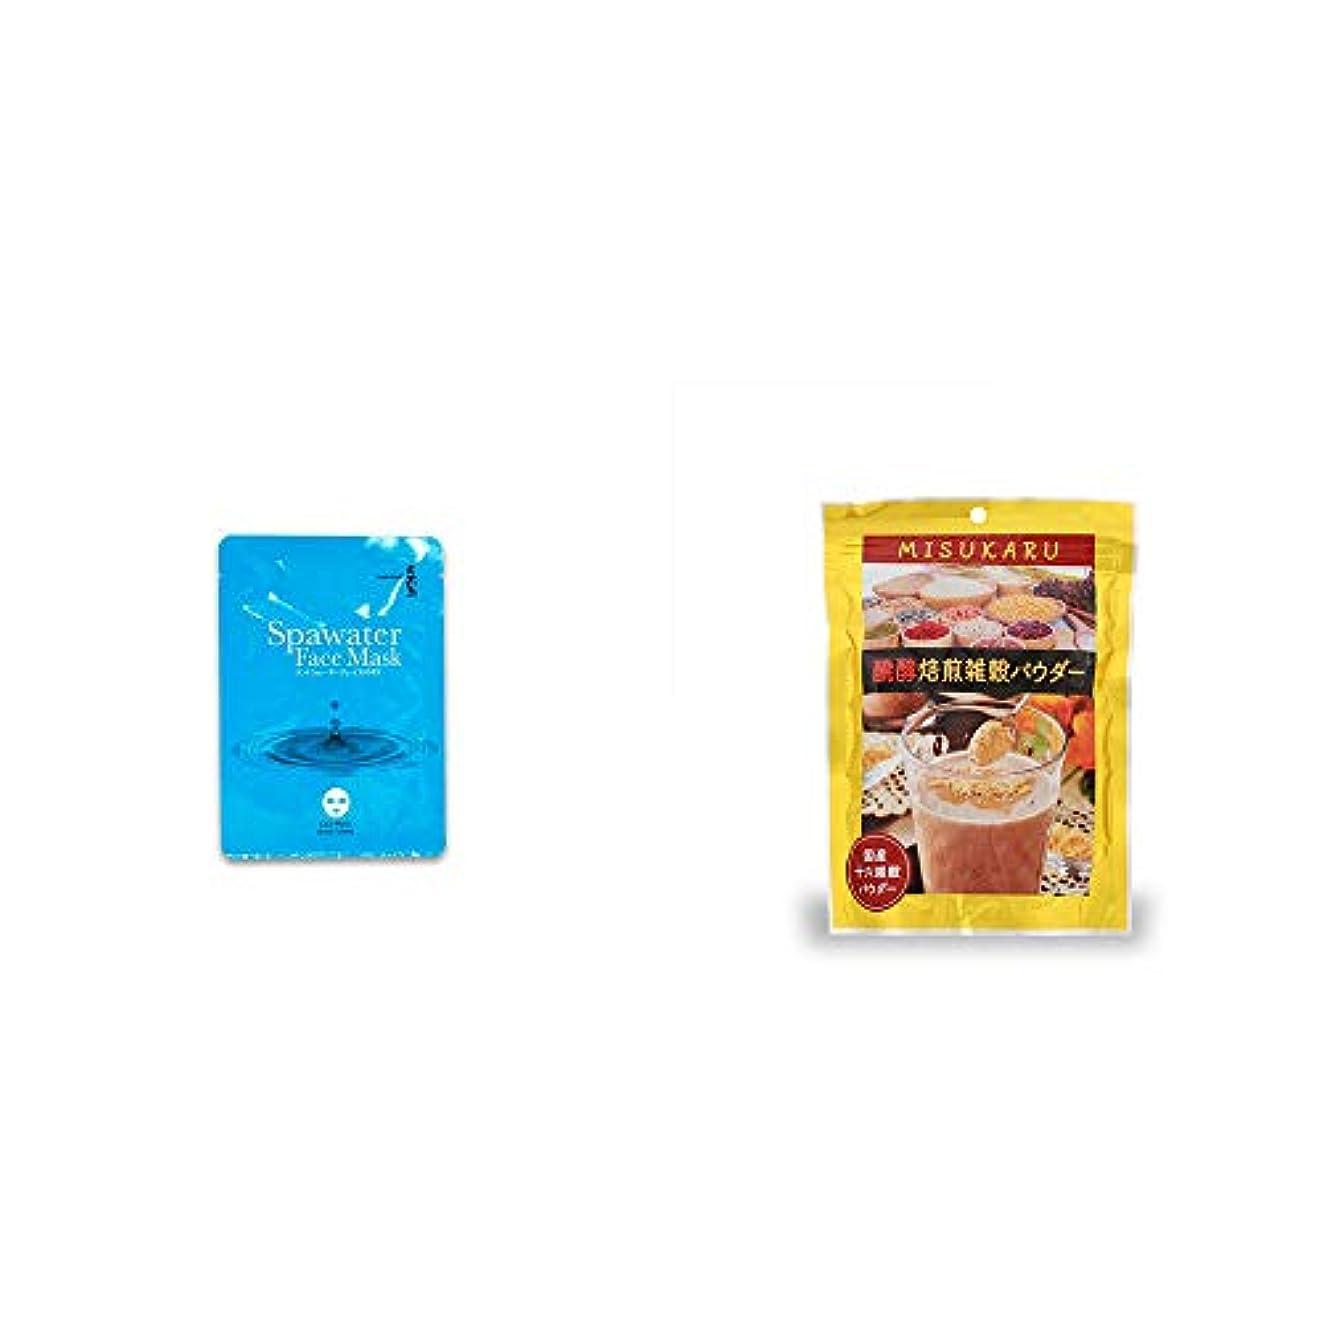 クレアスキル大使[2点セット] ひのき炭黒泉 スパウォーターフェイスマスク(18ml×3枚入)?醗酵焙煎雑穀パウダー MISUKARU(ミスカル)(200g)